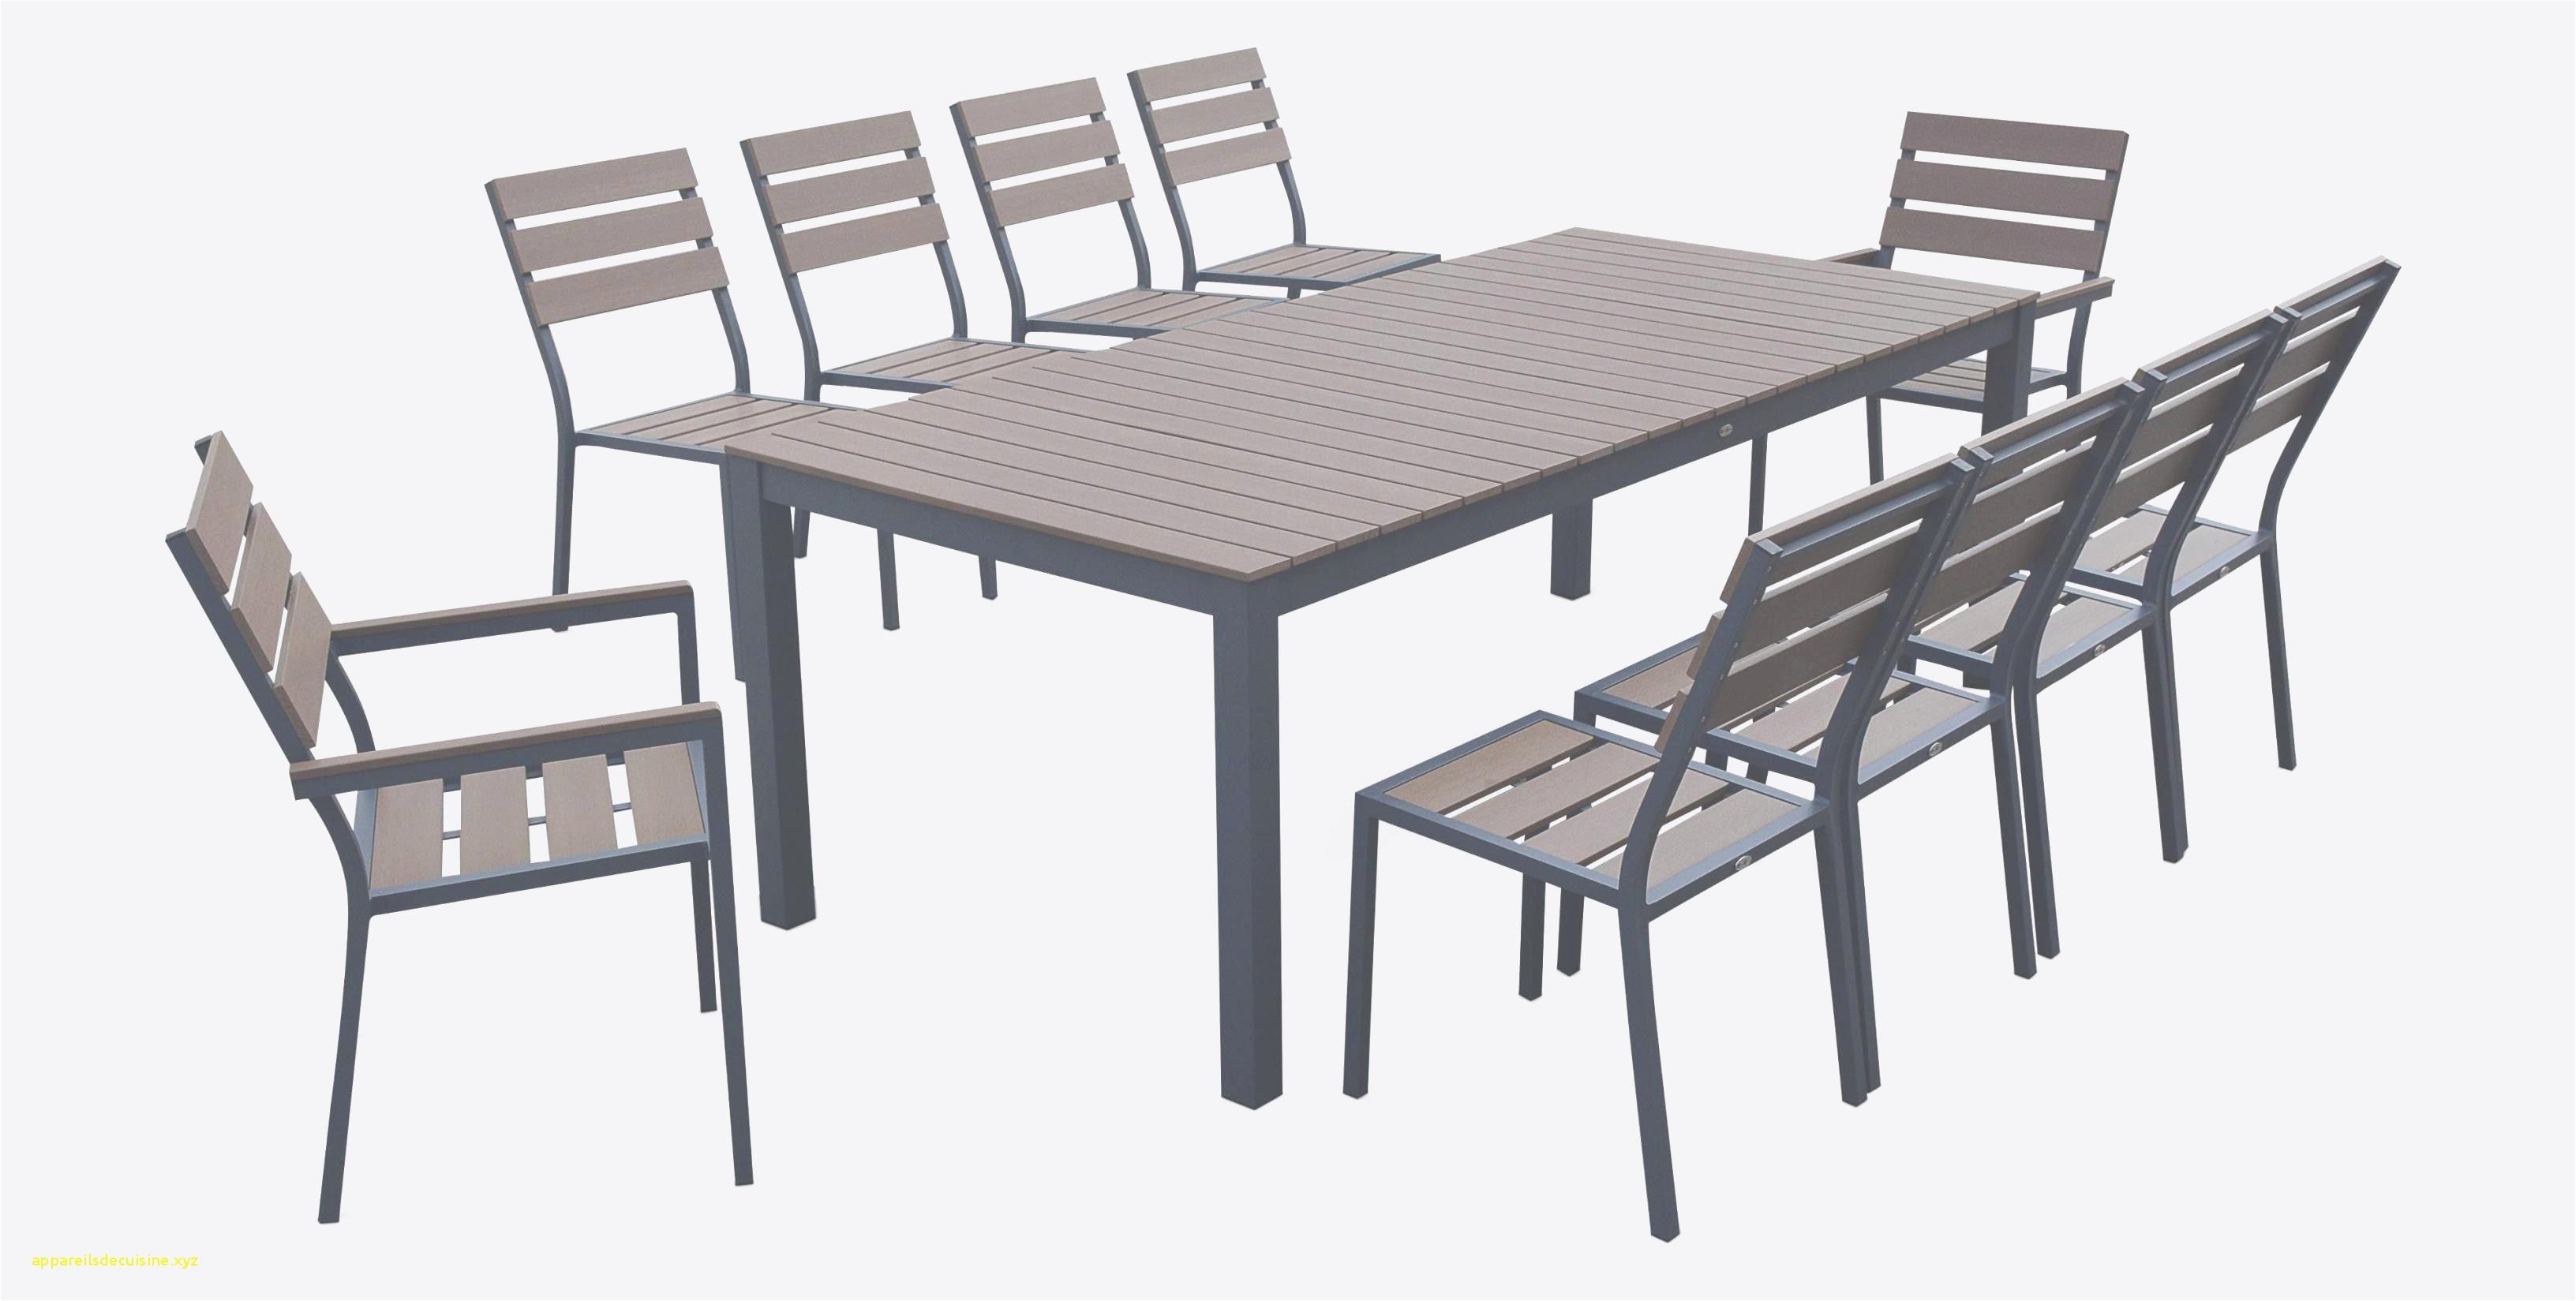 Abri De Jardin Carrefour Beau Photographie Table Et Chaise Pliante Chaise Pliante Carrefour Canape Carrefour 0d